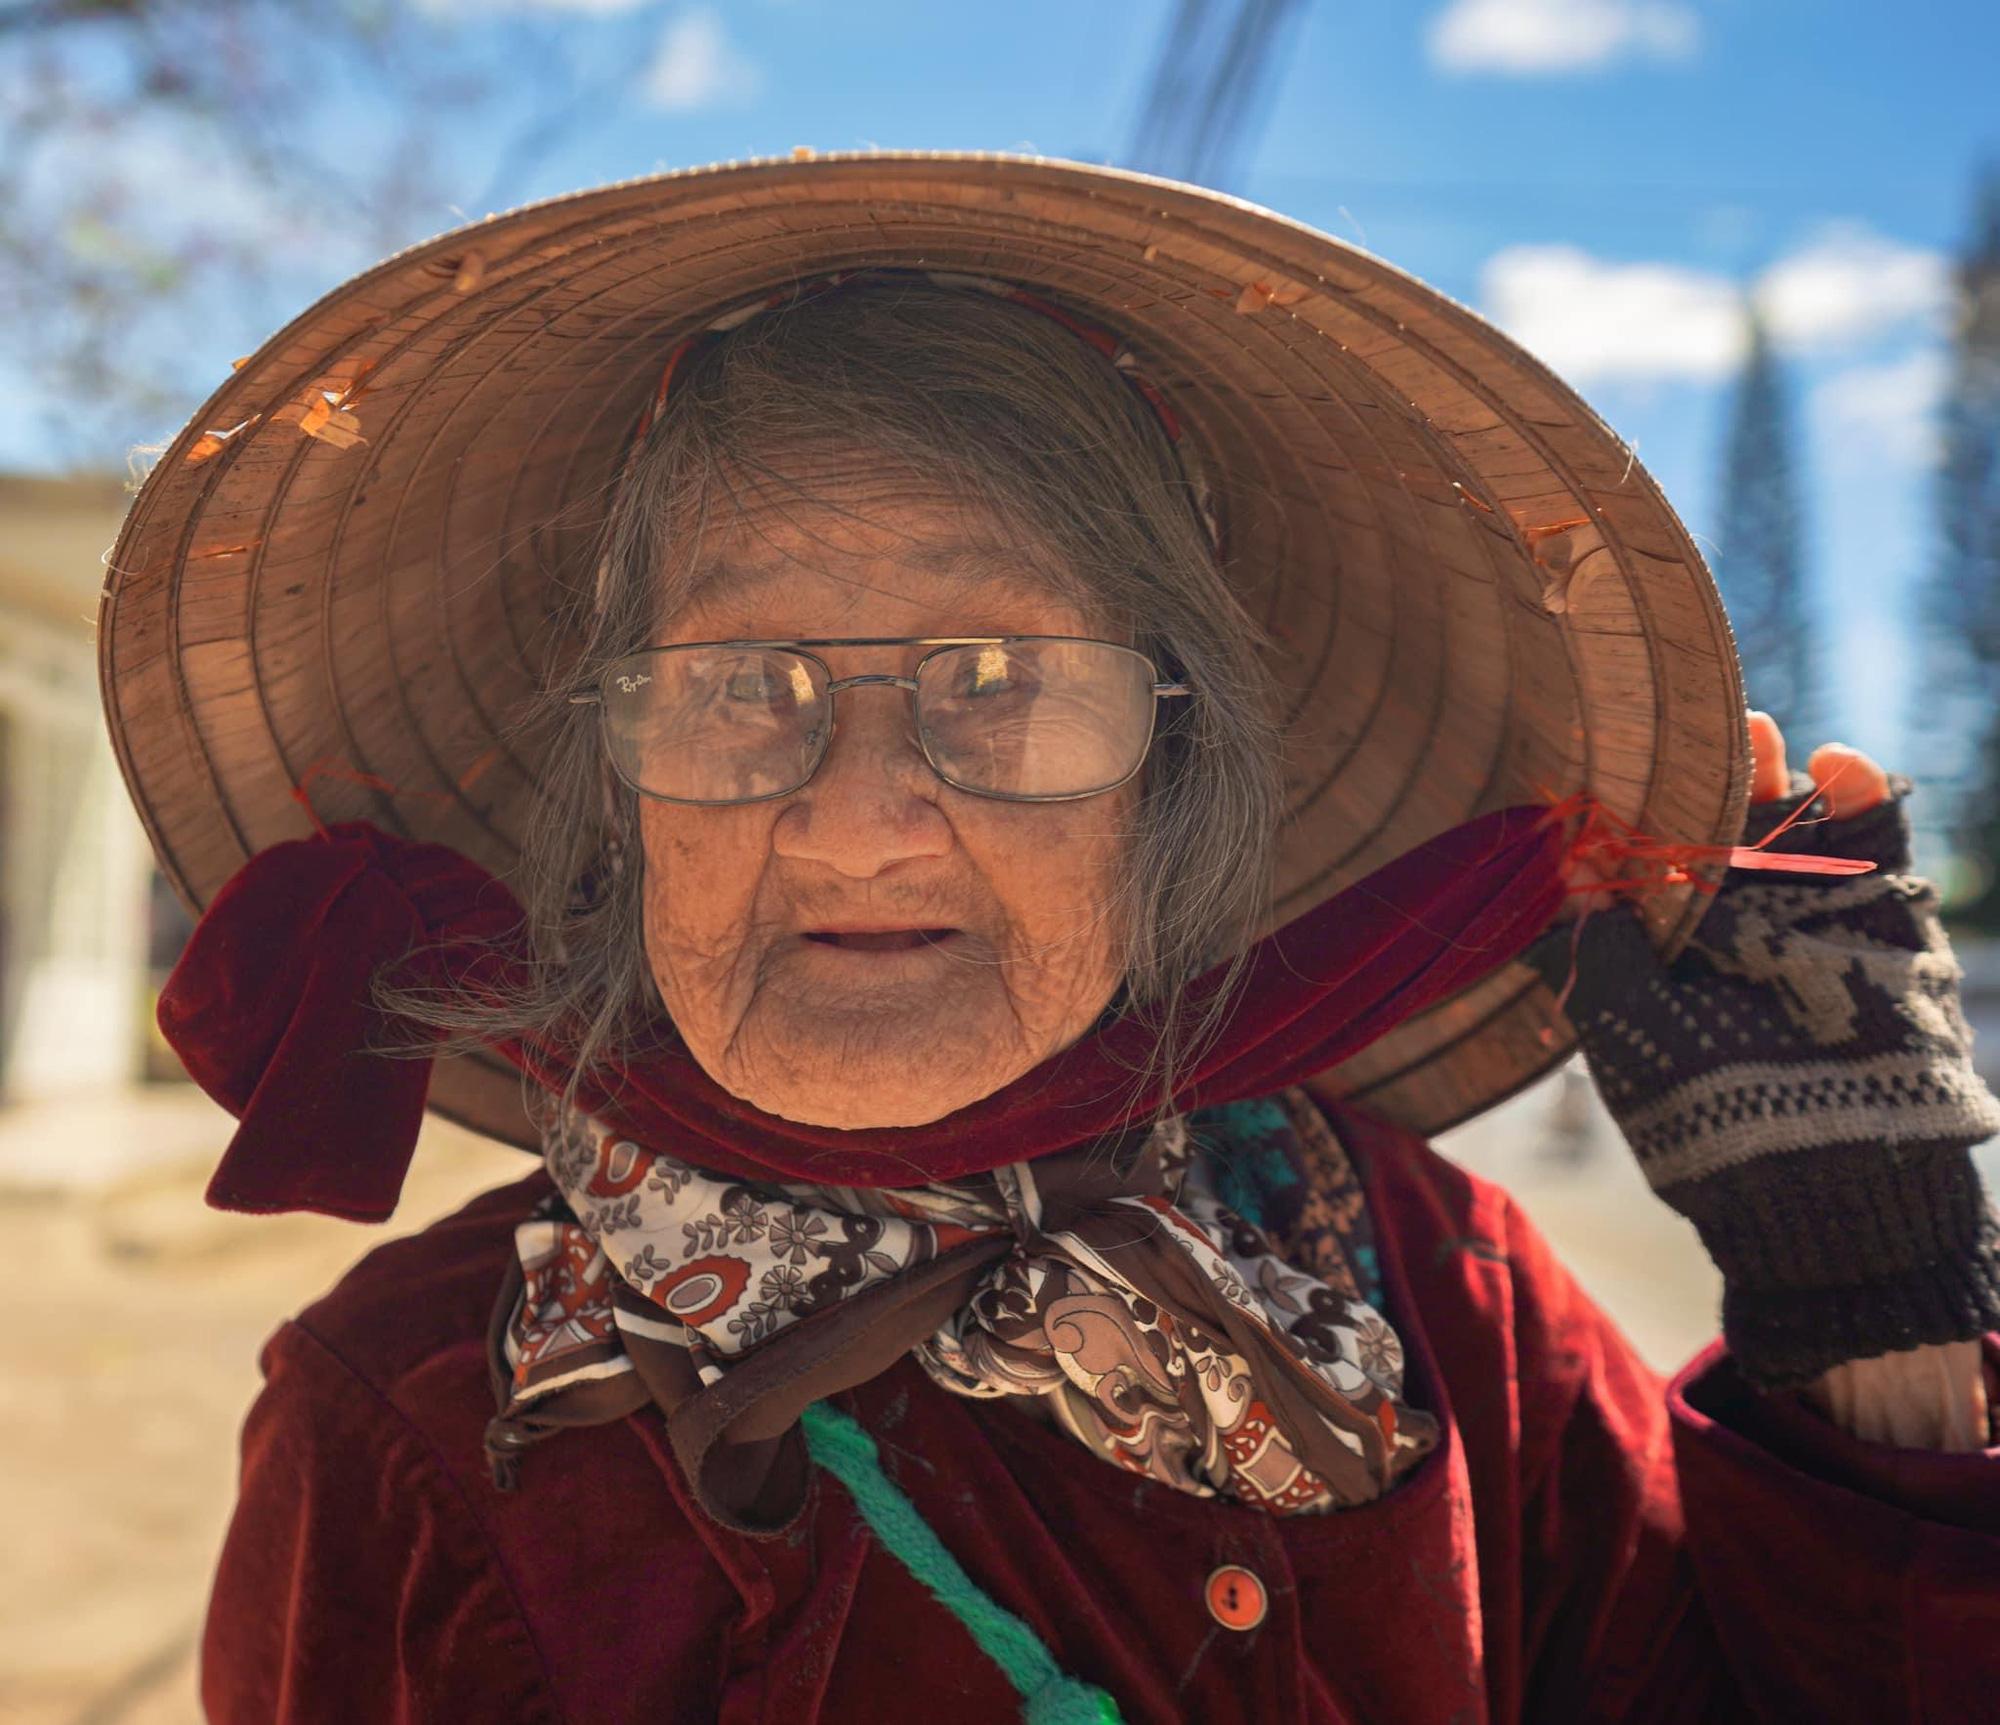 Gặp bà cụ 94 tuổi bán bỏng ngô dạo khắp Đà Lạt: Mỗi bức ảnh là câu chuyện khiến người ta cảm động-1